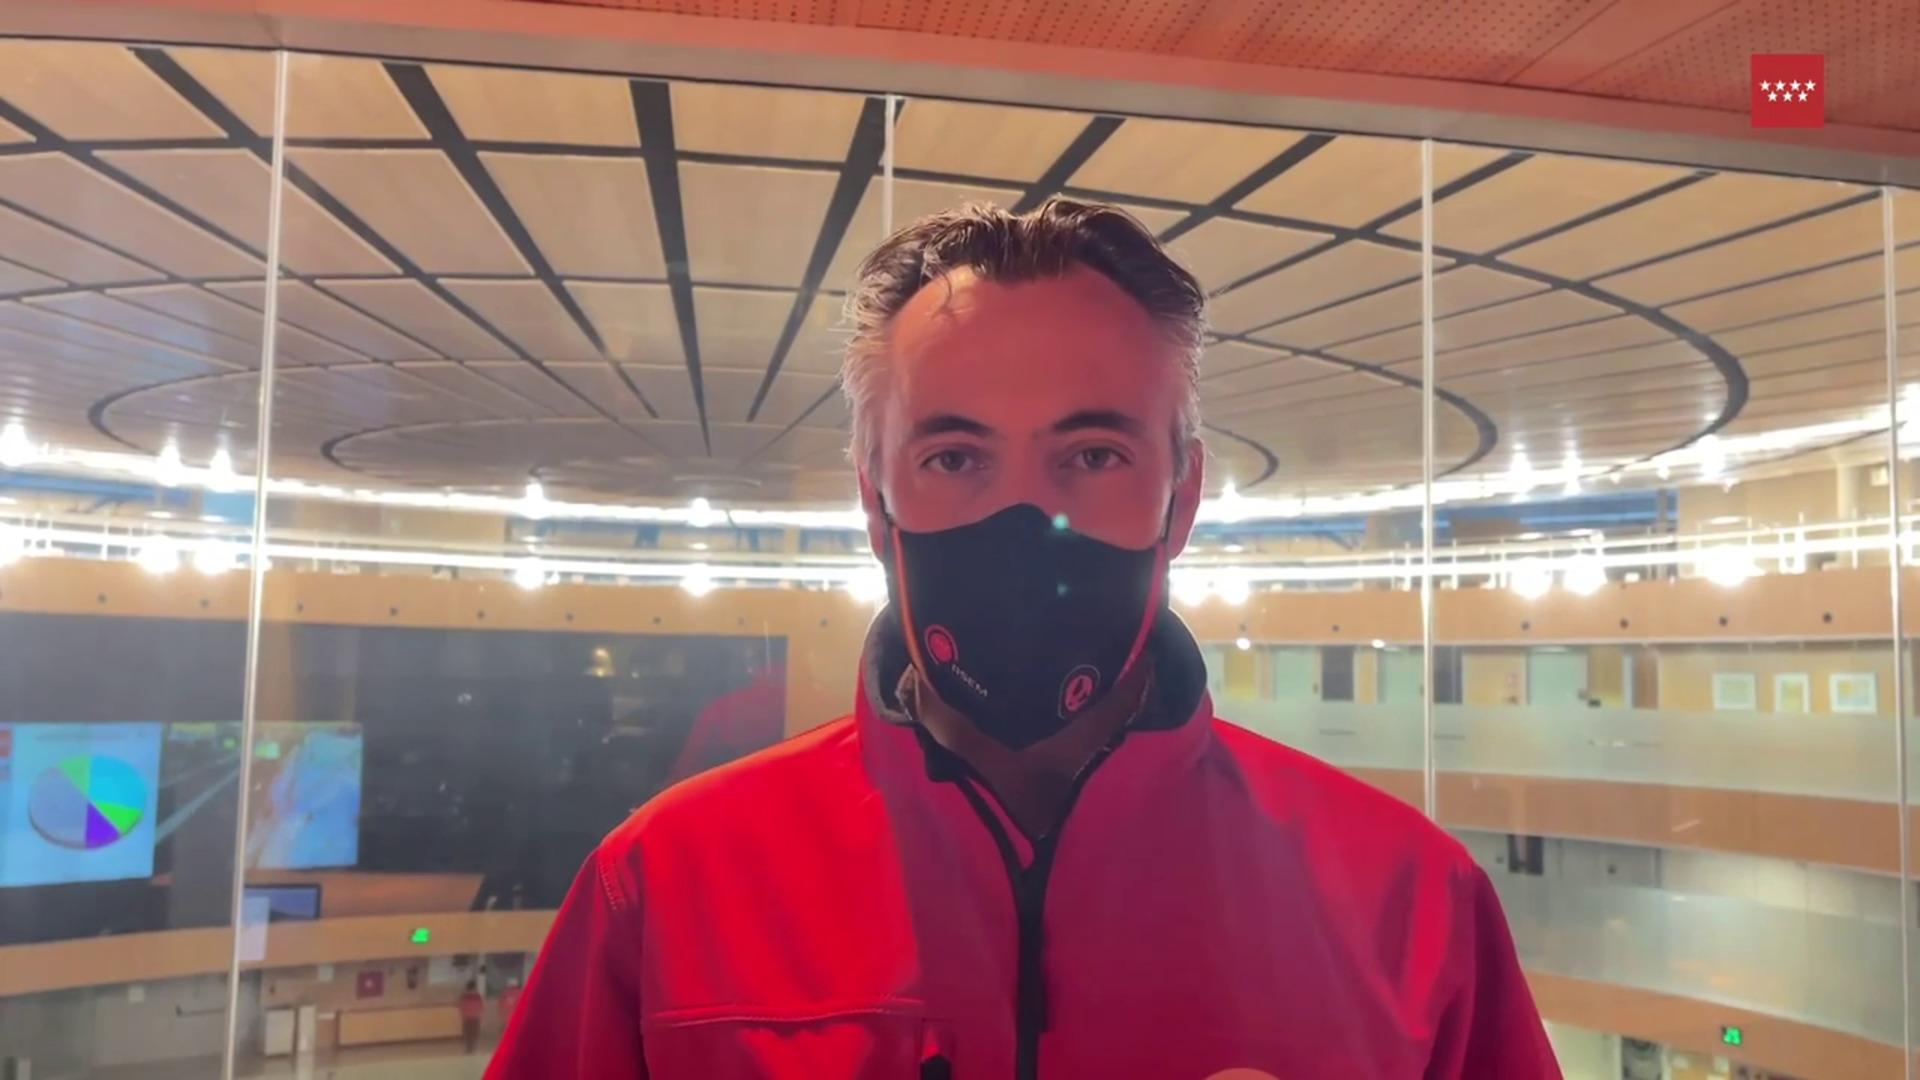 Emergencias de la Comunidad de Madrid pide precaución frente al hielo